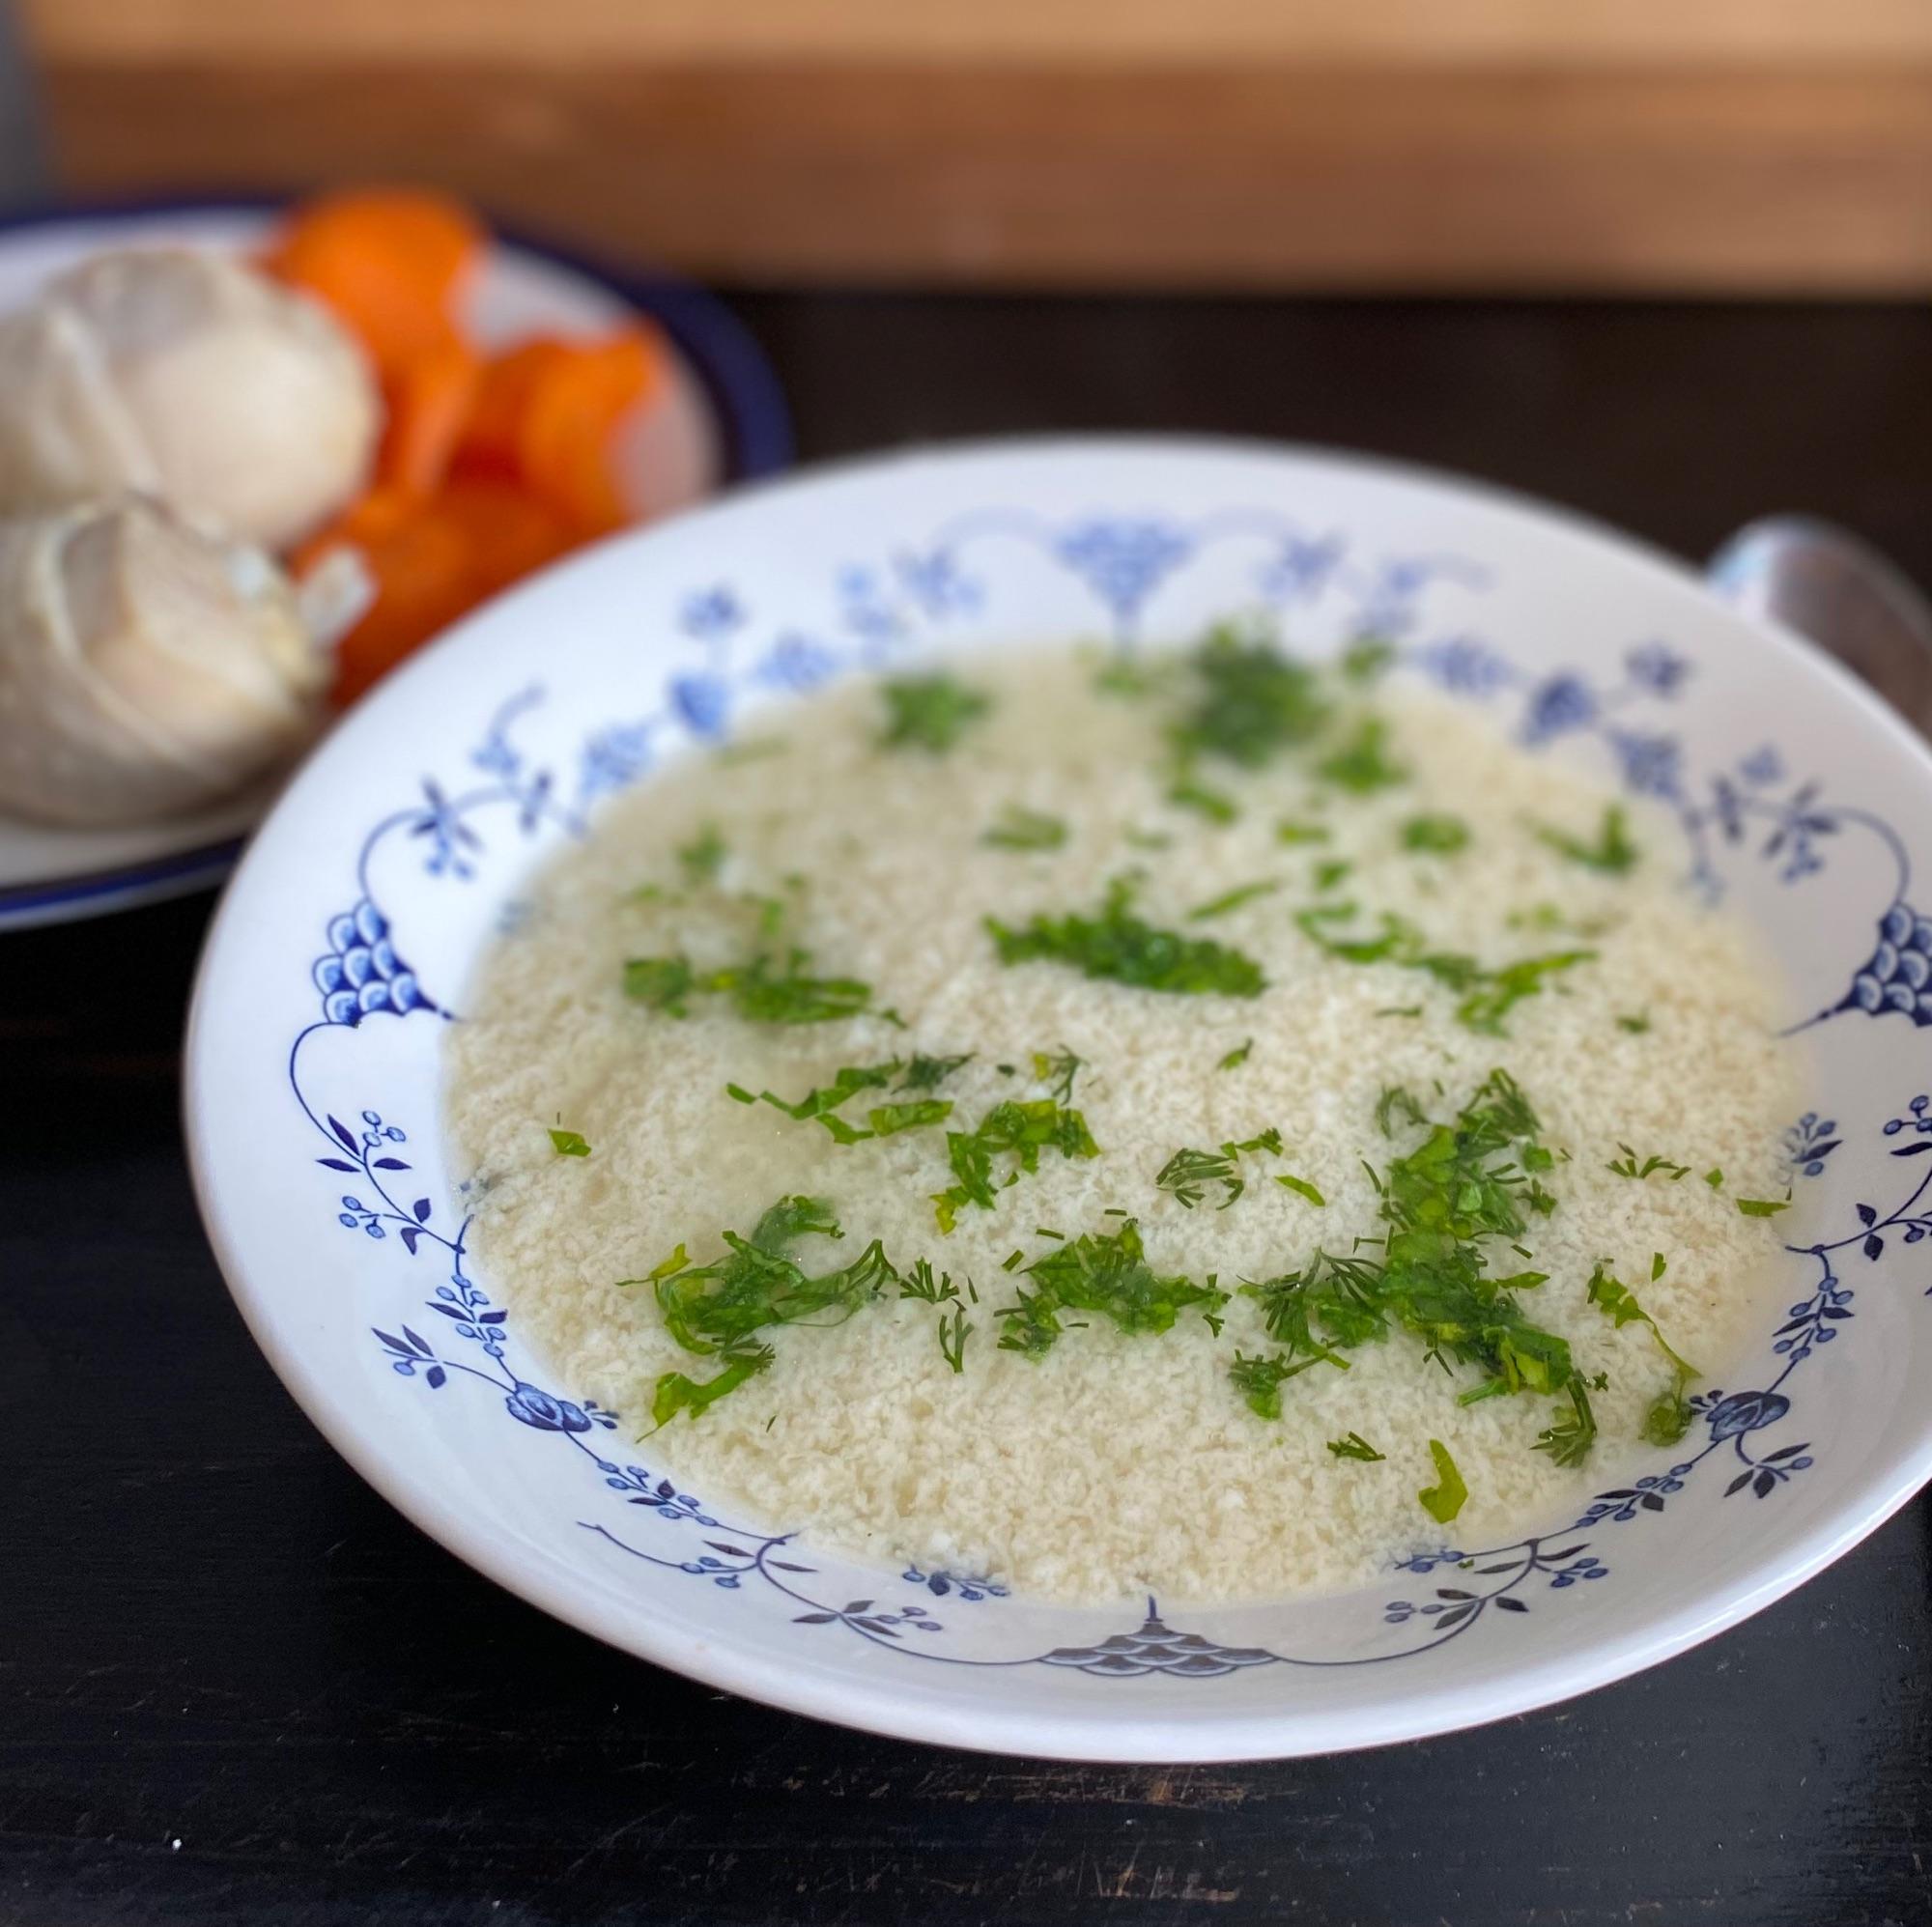 Легкий быстрый и вкусный суп, особенно при наличии хорошего кур ного бульона